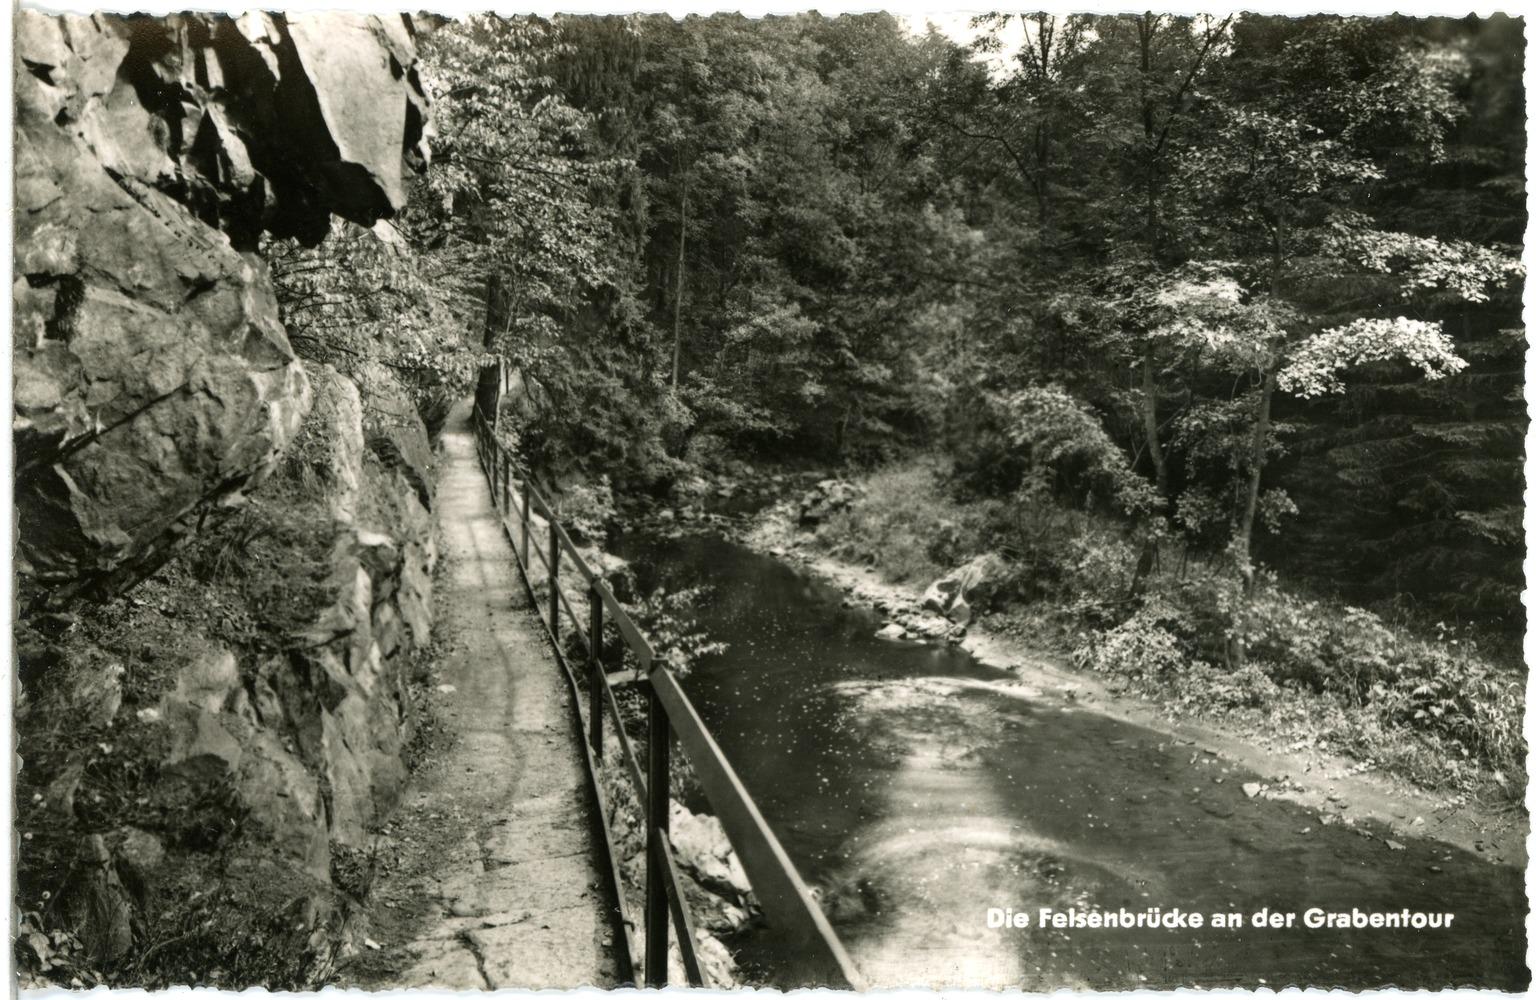 File:29755-Grabentour-1962-An der Grabentour, Felsenbrücke-Brück &